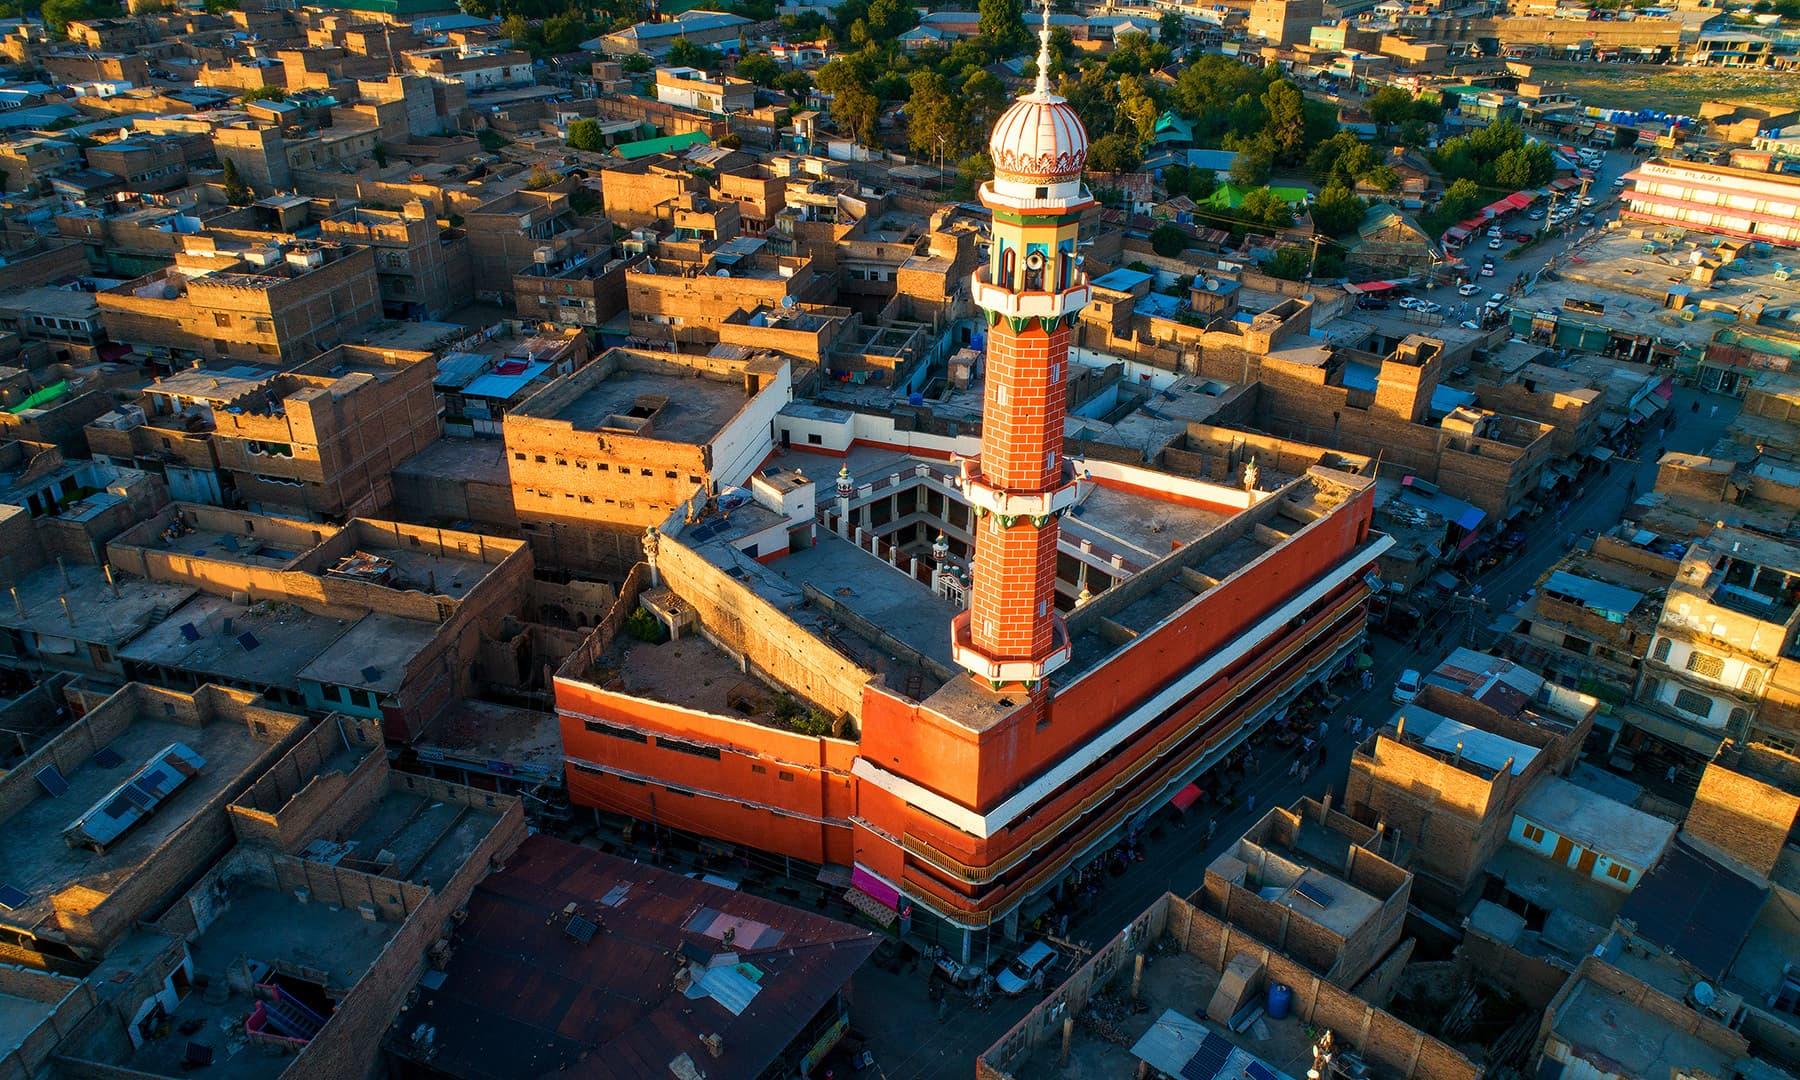 مسجد کا دالان پنجاب کی پرانی حویلیوں جیسا تھا۔ مجھے ایسا محسوس ہوتا تھا جیسے میں کسی پرانی حویلی کے دالان میں کھڑا ہوں